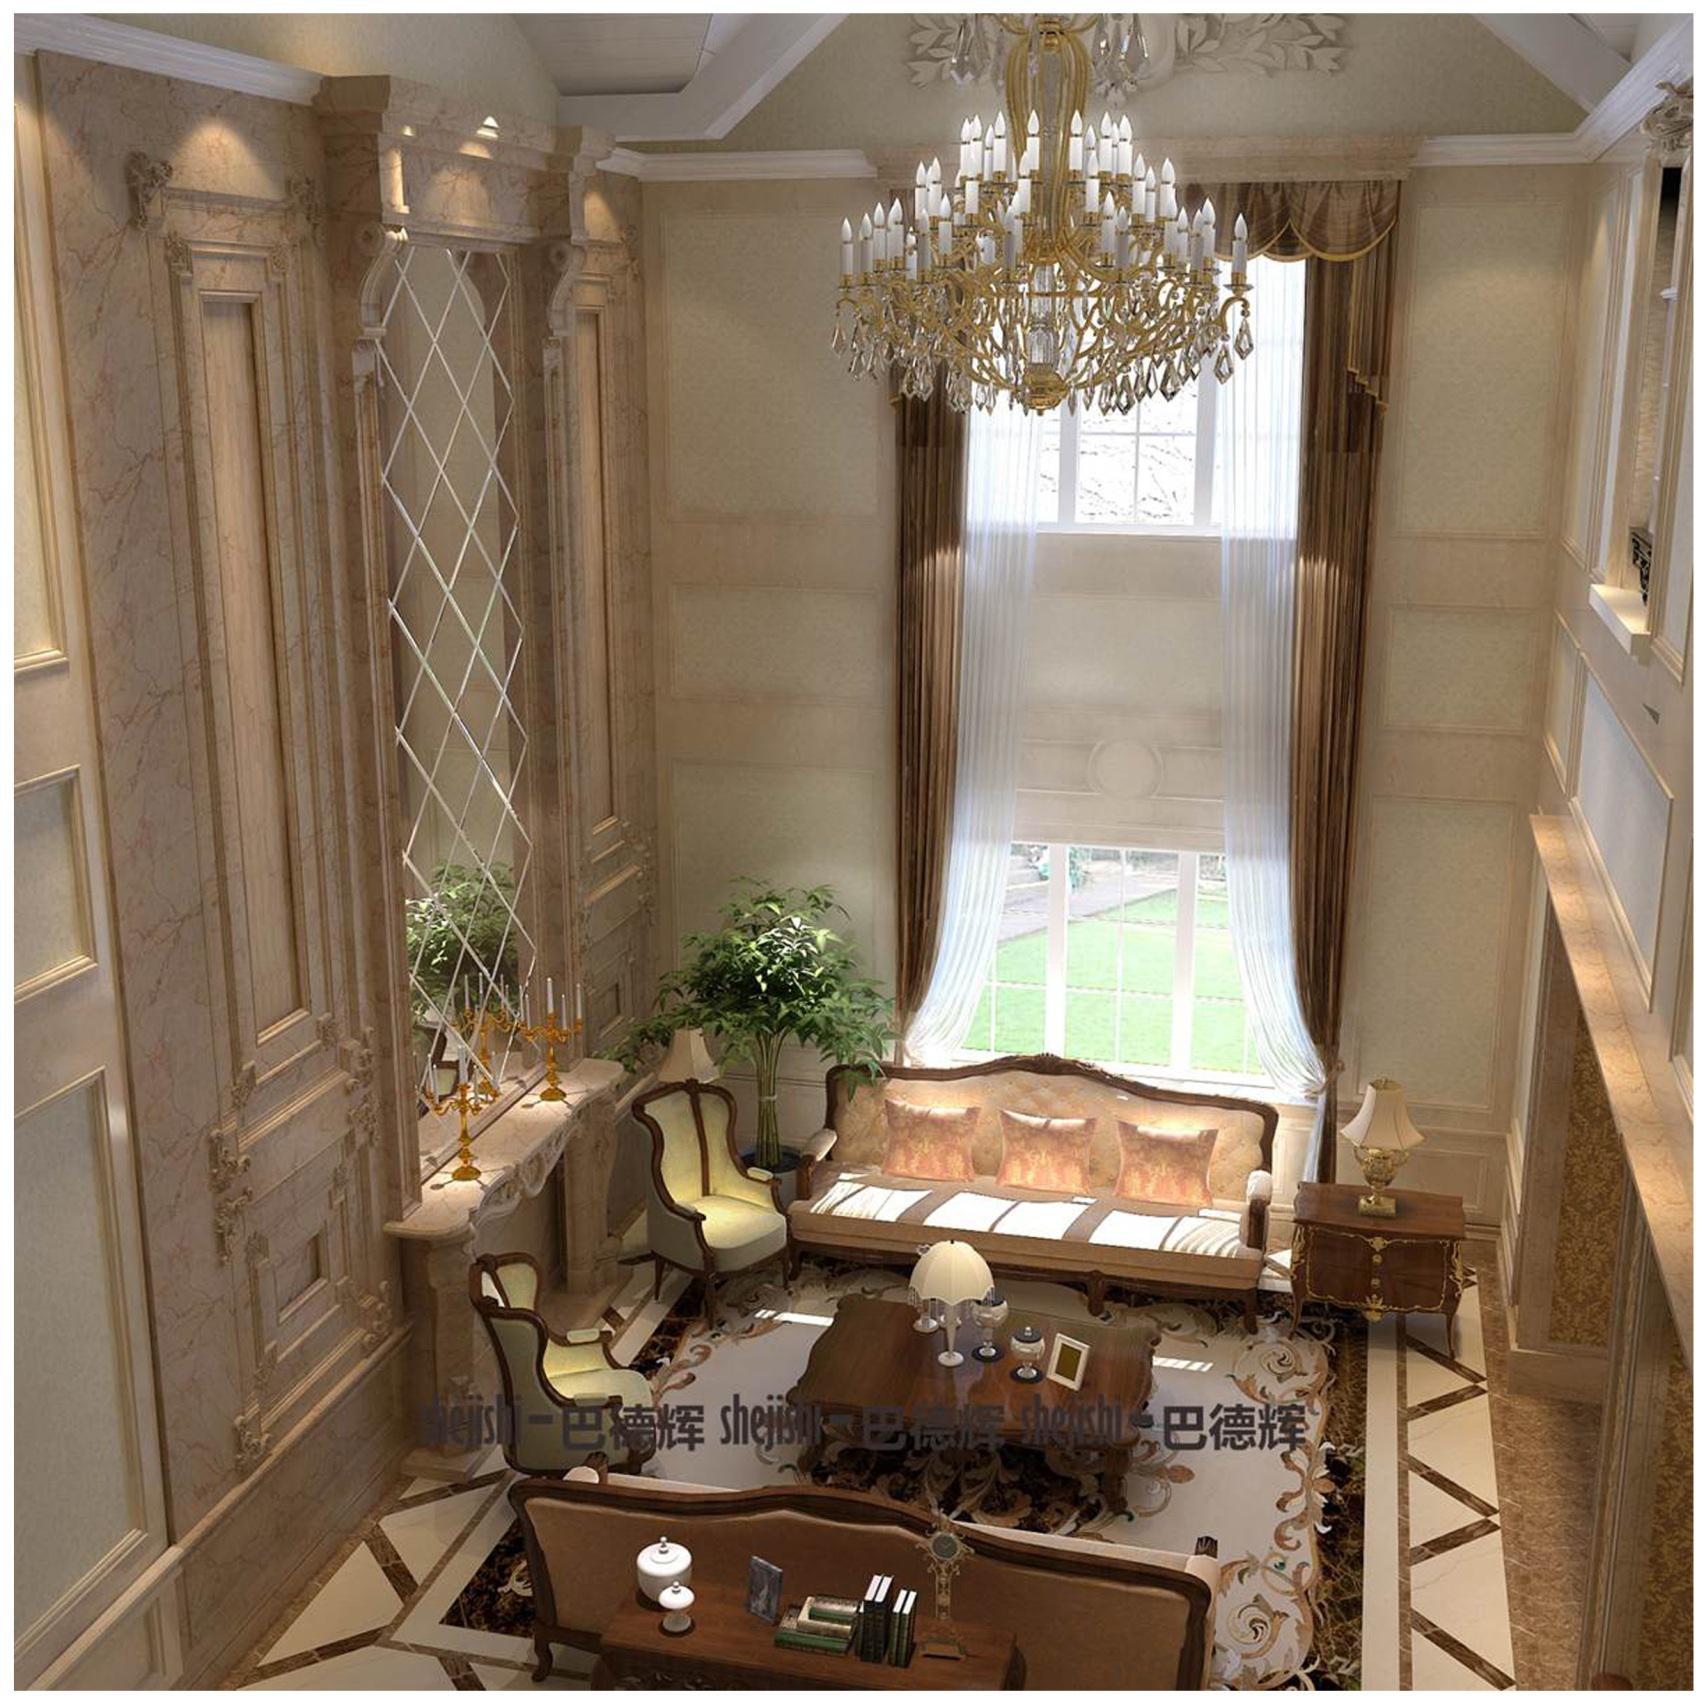 尊重自然 复兴古代 典雅美丽 客厅图片来自北京精诚兴业装饰公司在宣化样板的分享